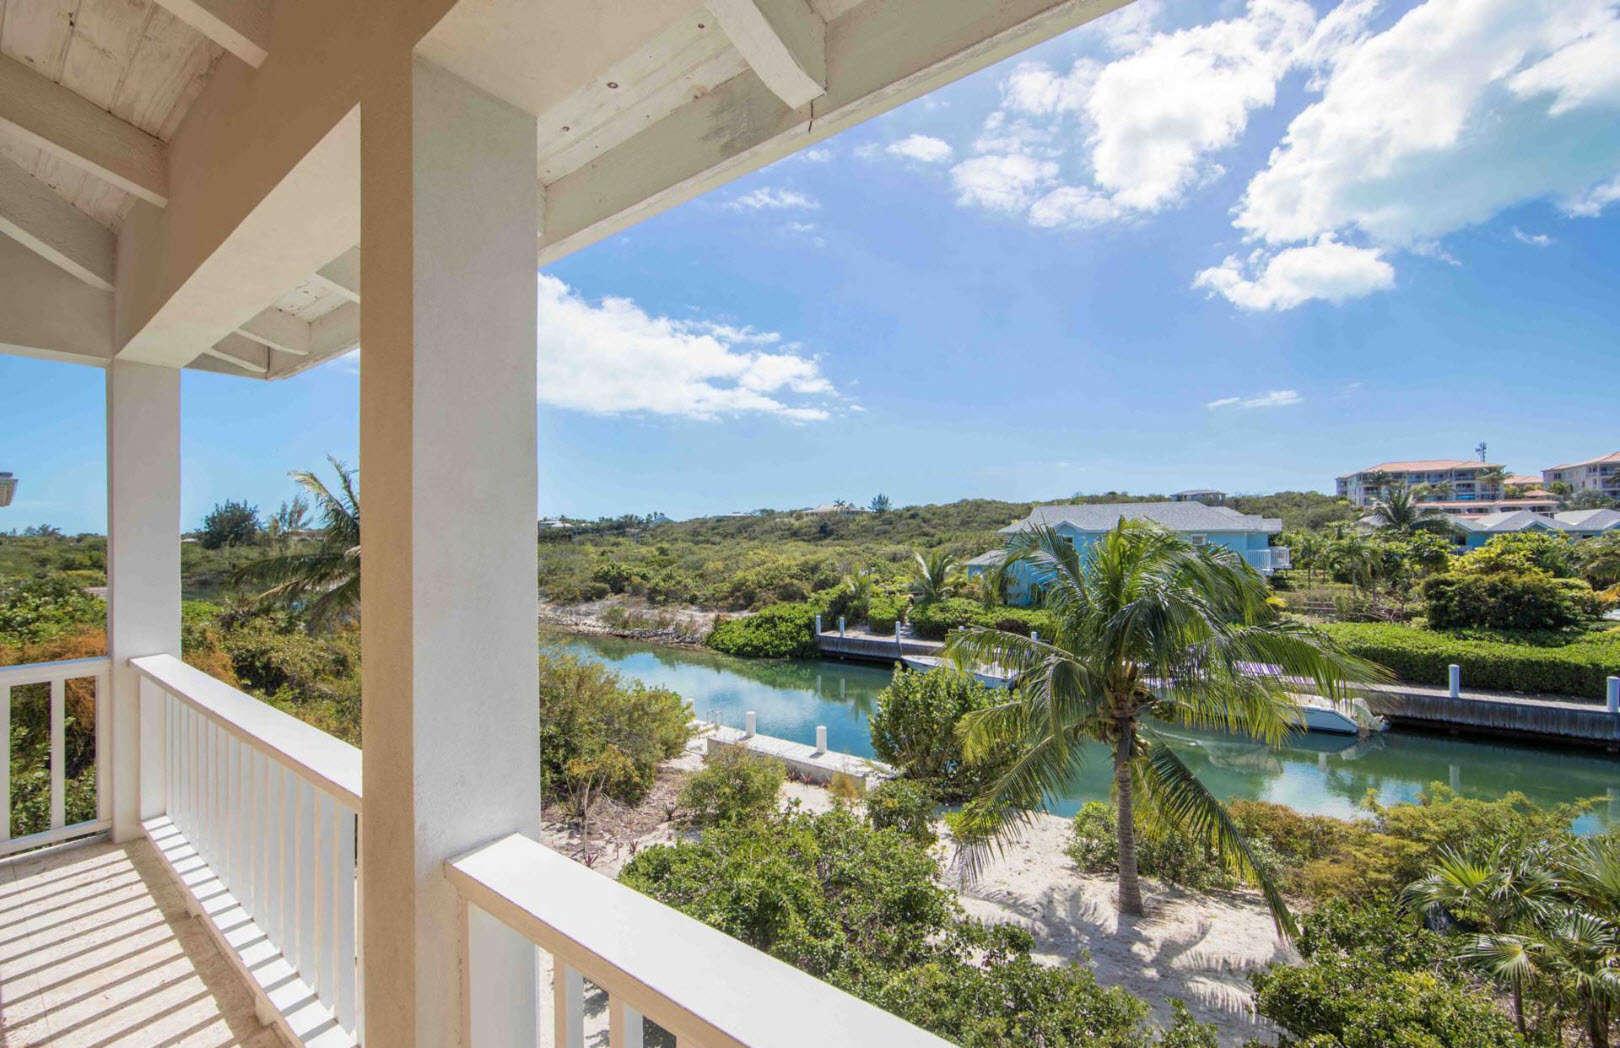 Luxury villa rentals caribbean - Turks and caicos - Providenciales - Grace bay - Limbo Villa - Image 1/10